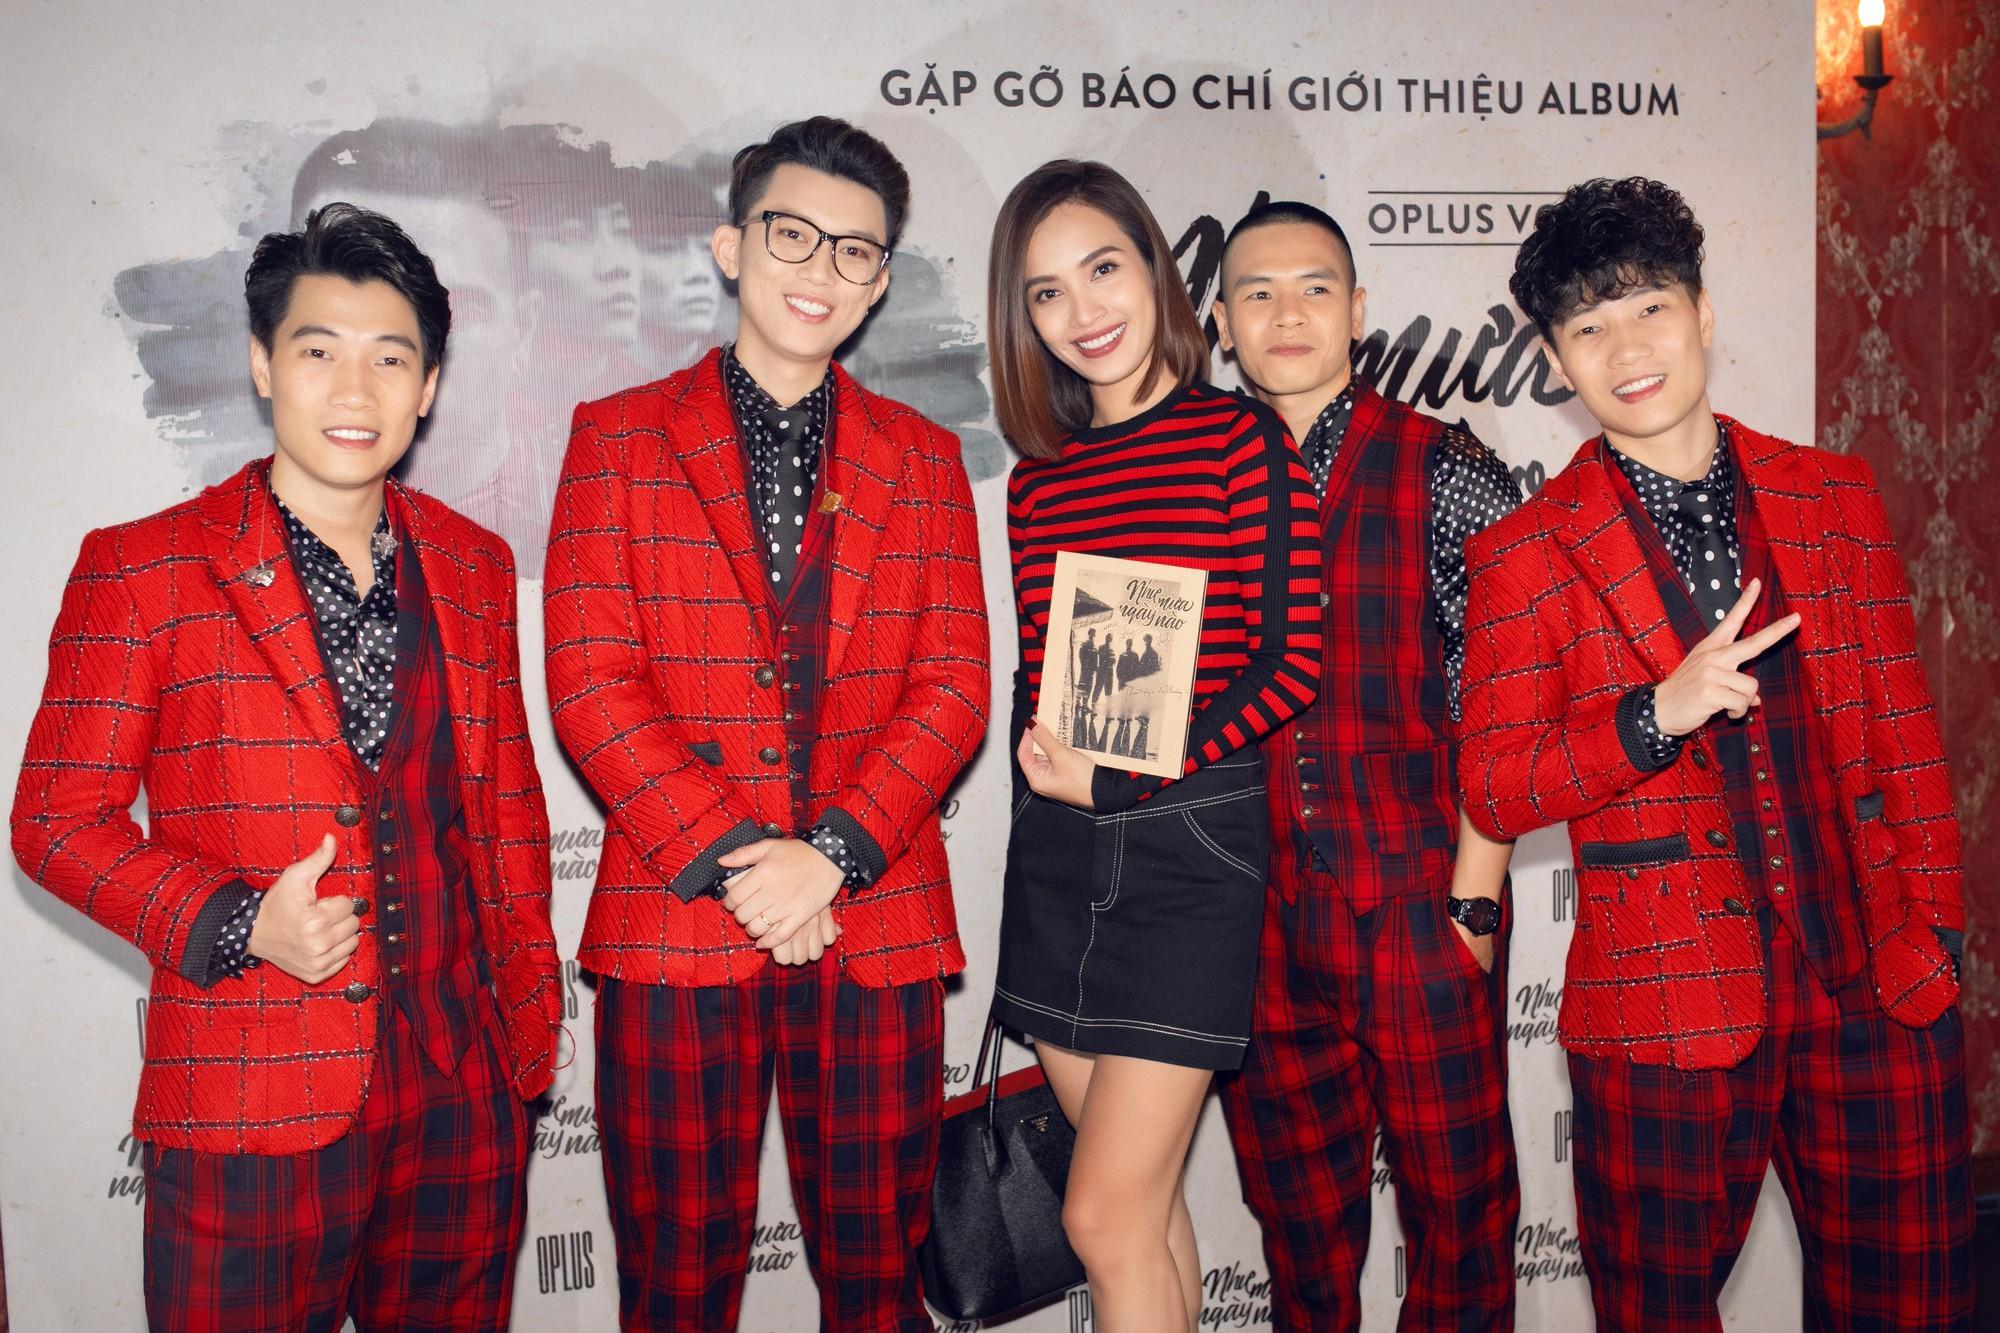 Diva Hồng Nhung hết lòng khen ngợi OPlus trong album nhạc xưa - Ảnh 5.